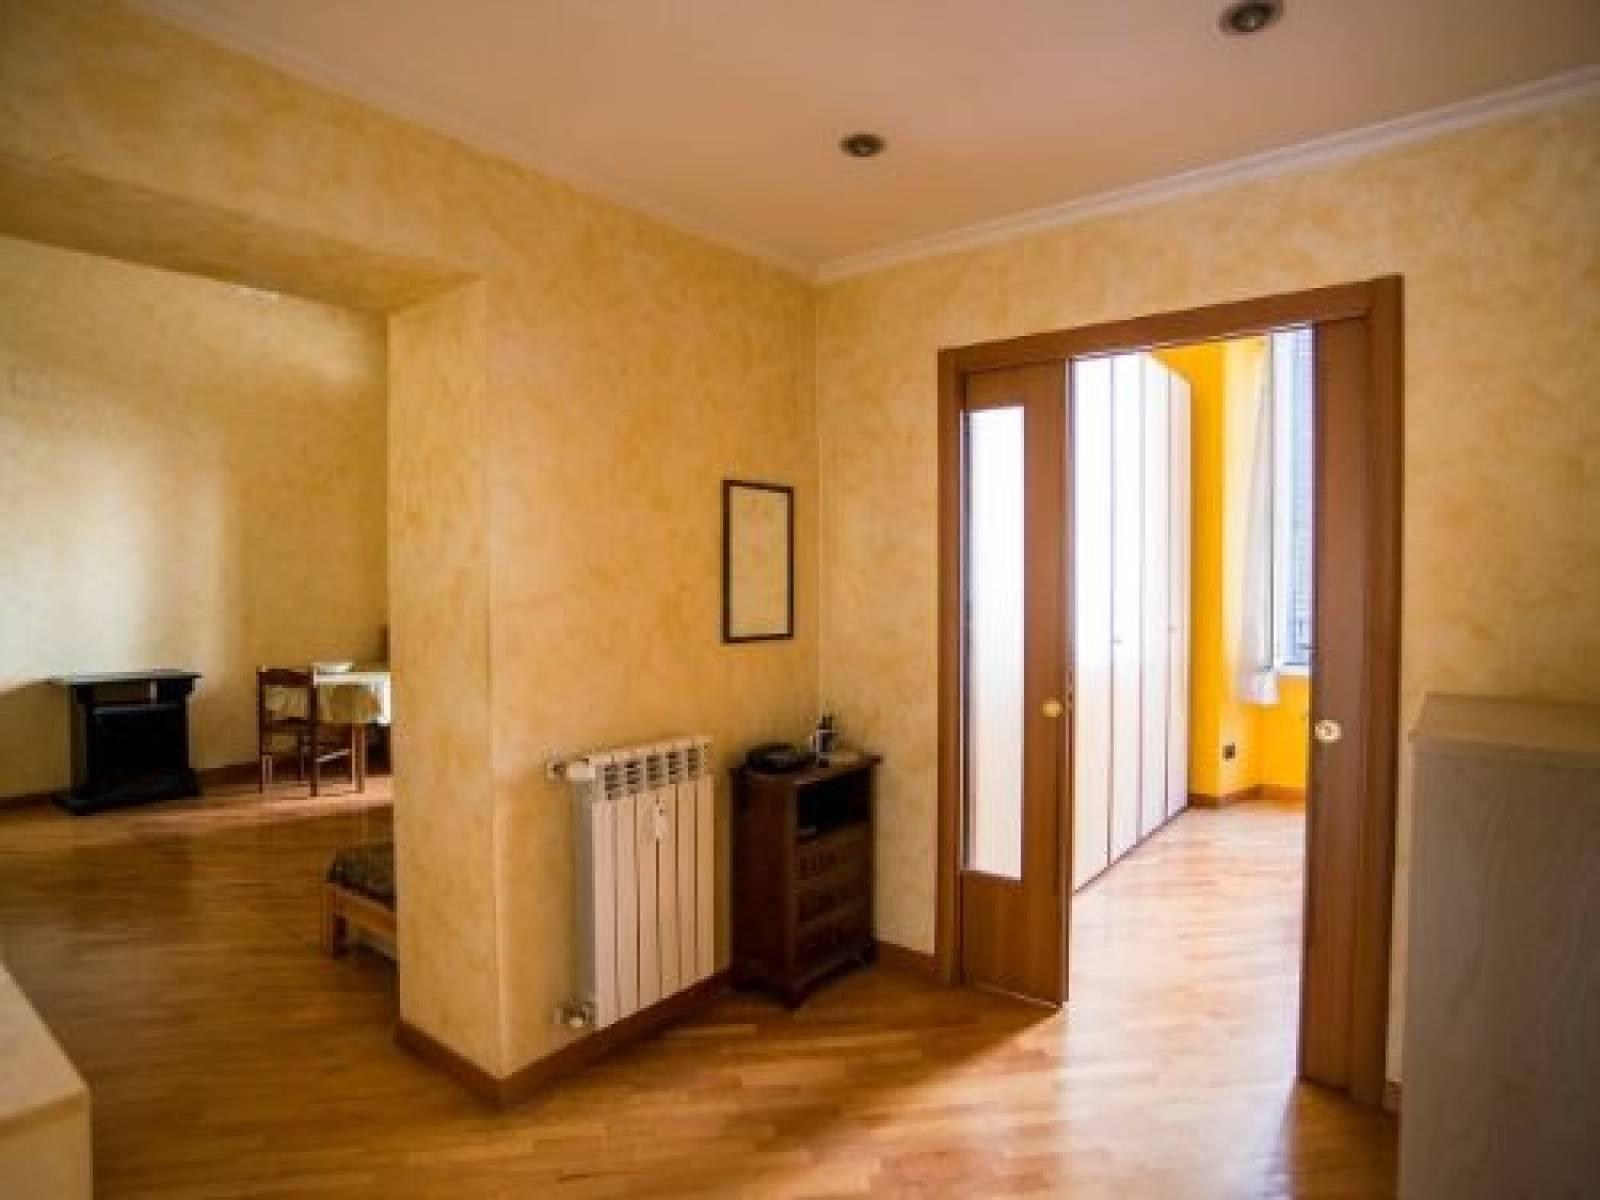 Appartamento in vendita a Roma, 3 locali, zona Zona: 7 . Esquilino, San Lorenzo, Termini, prezzo € 259.000 | CambioCasa.it